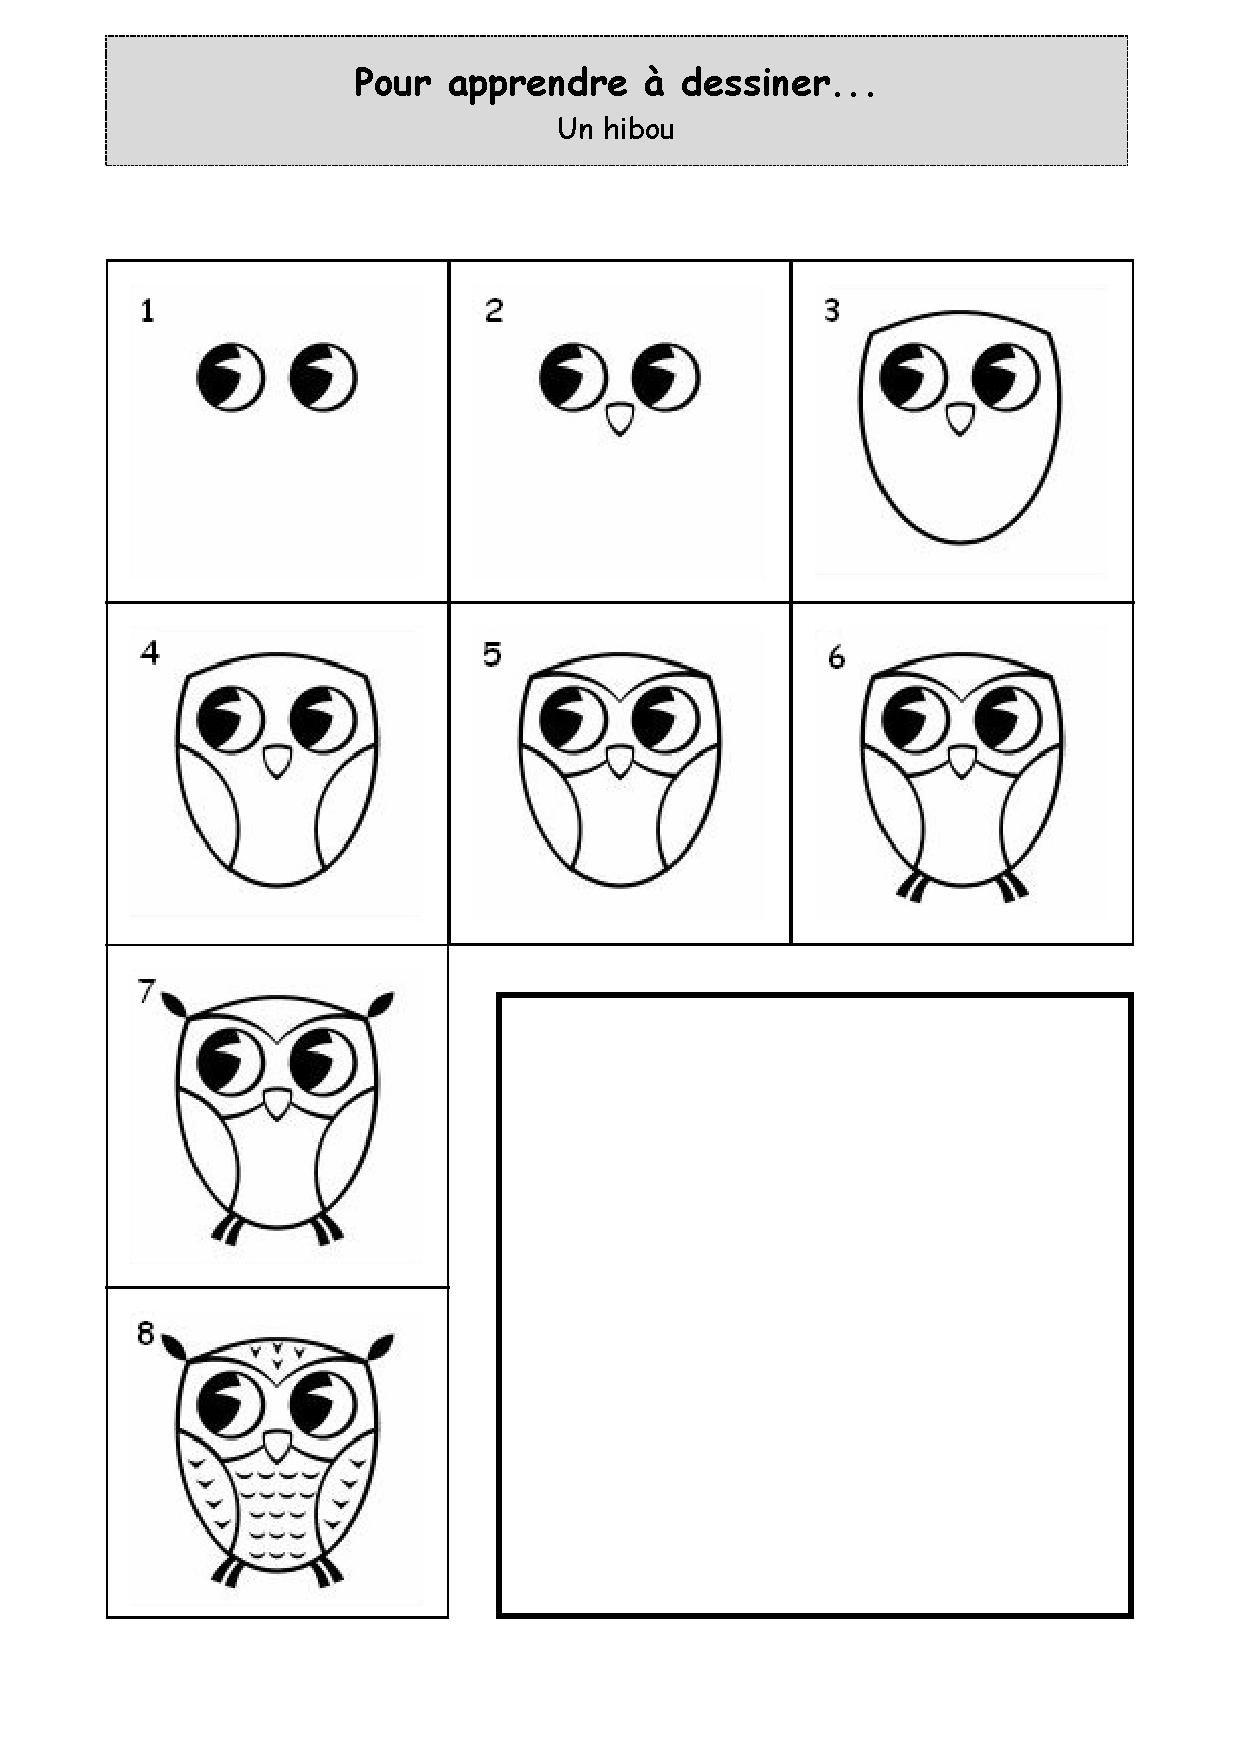 Apprendre À Dessiner Un Hibou pour Dessiner Un Hibou